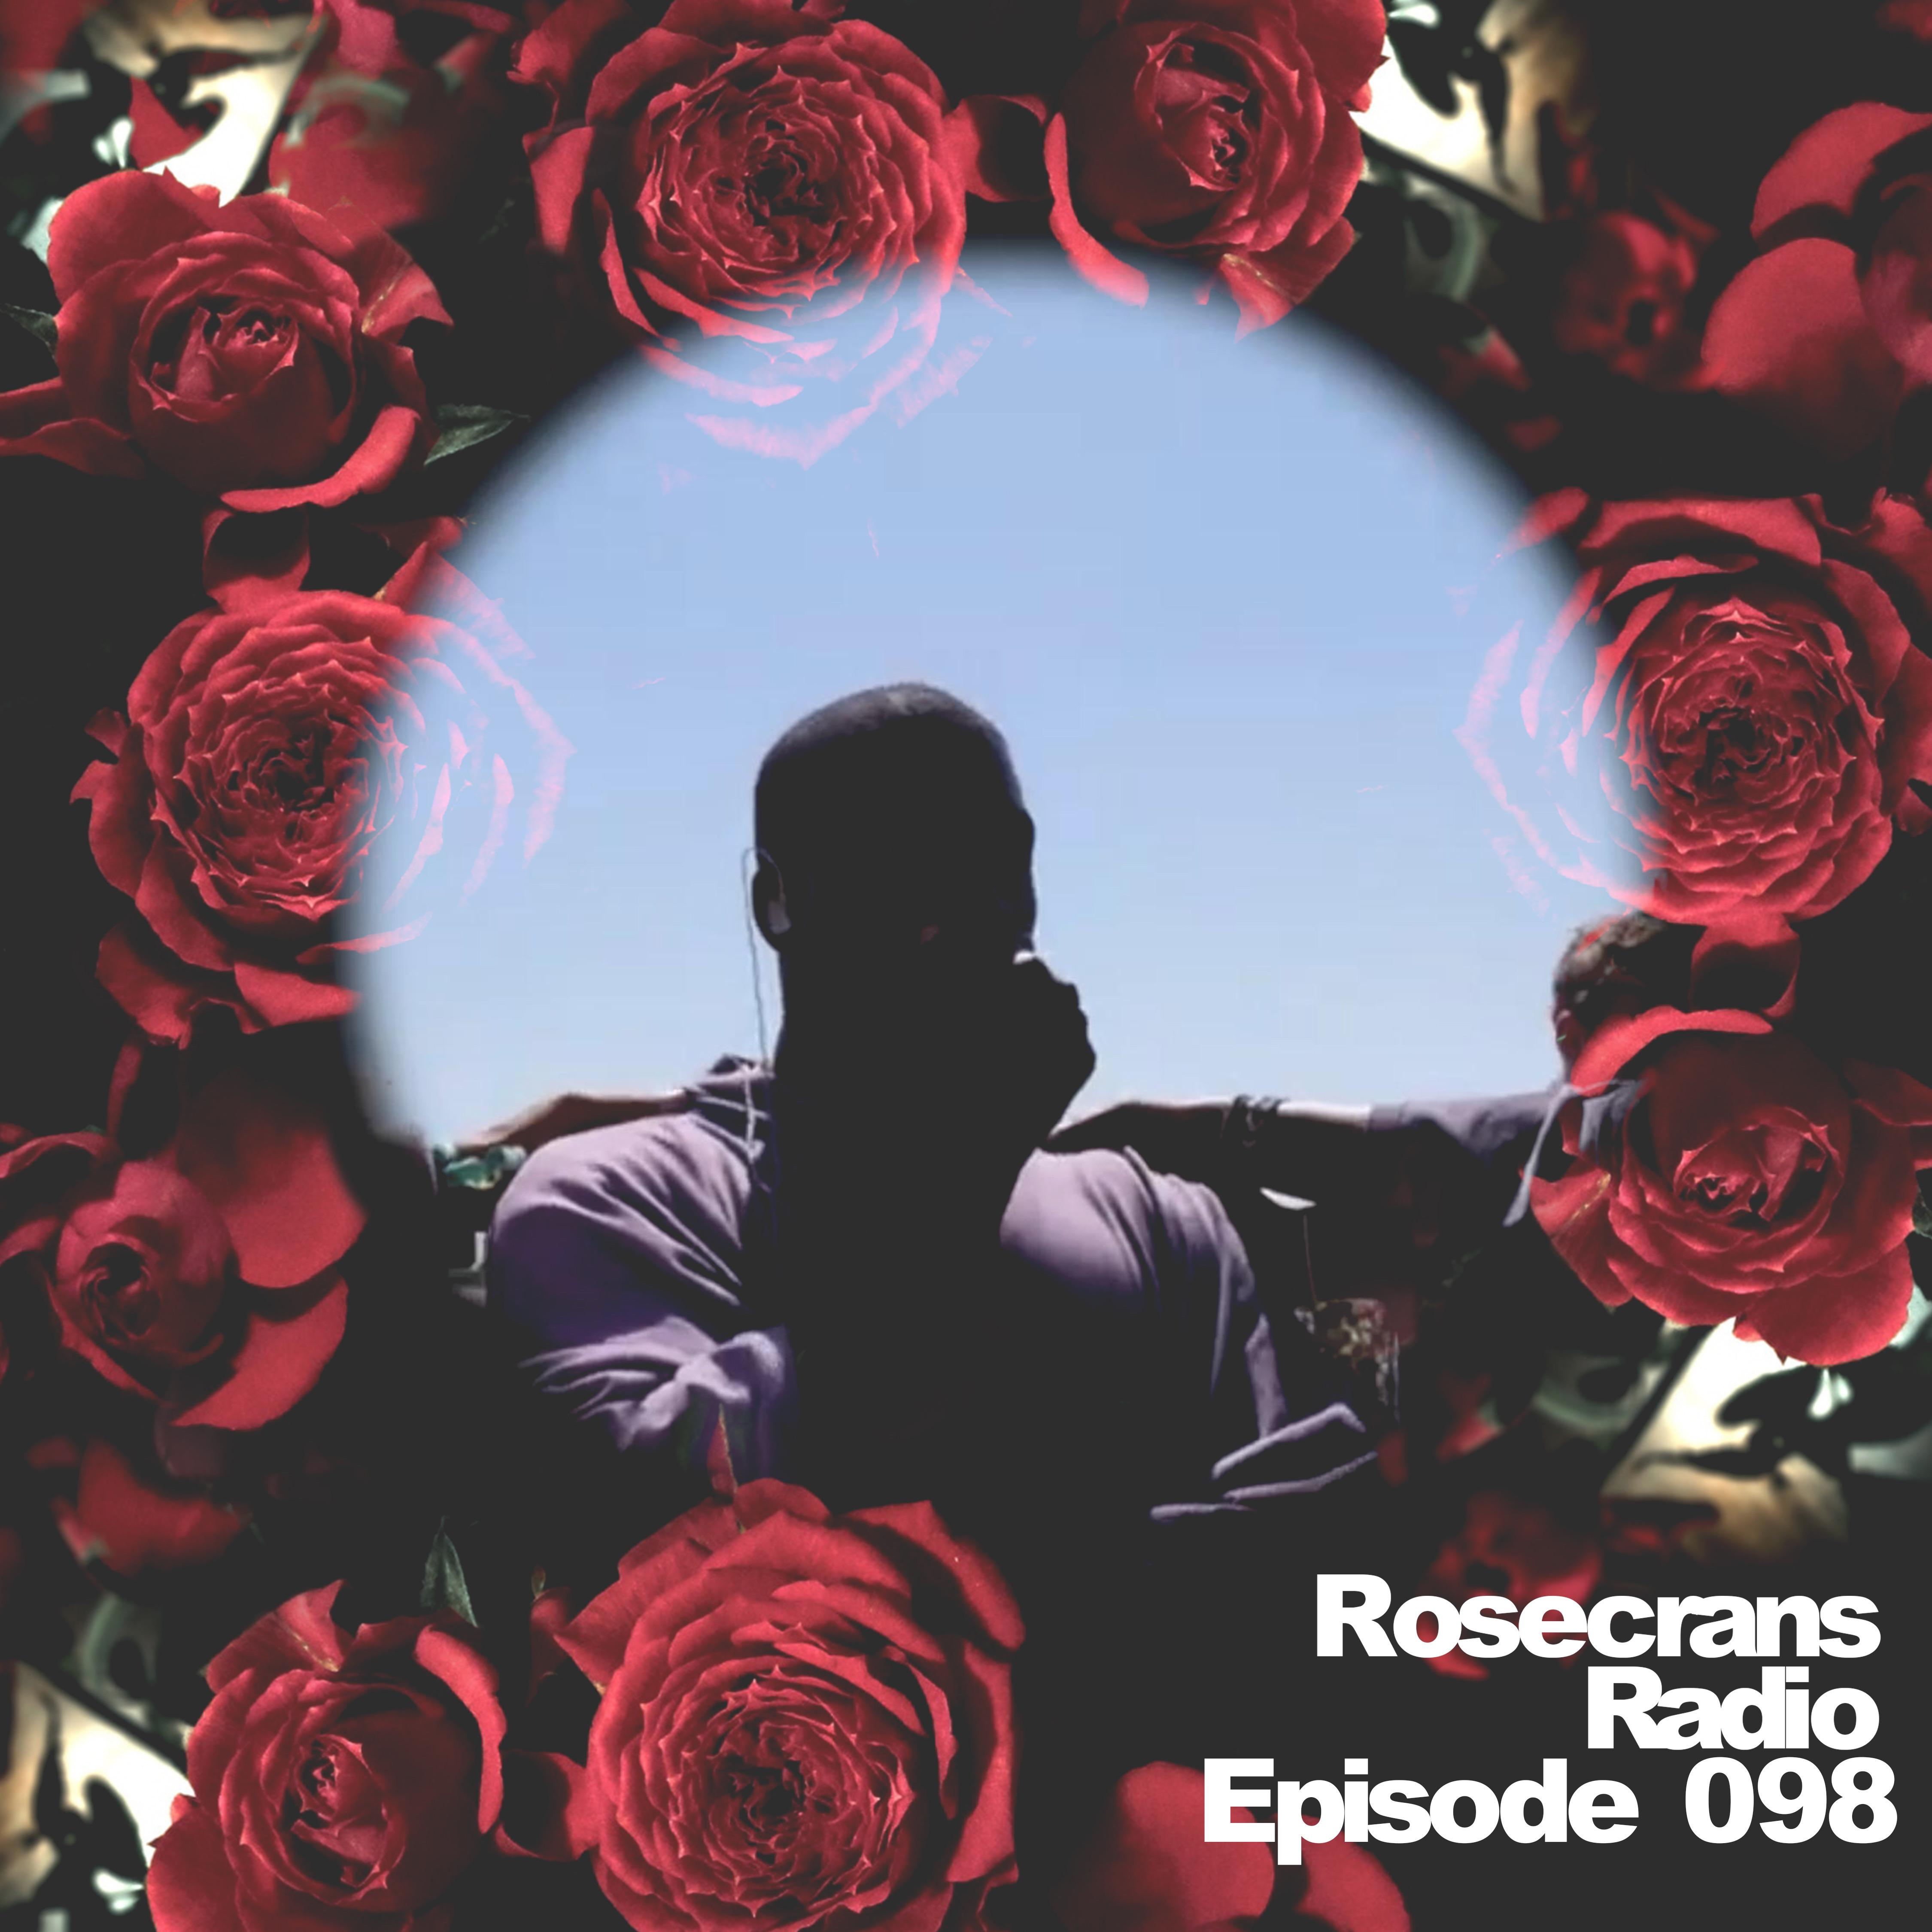 Rosecrans Radio 098: ToeChella